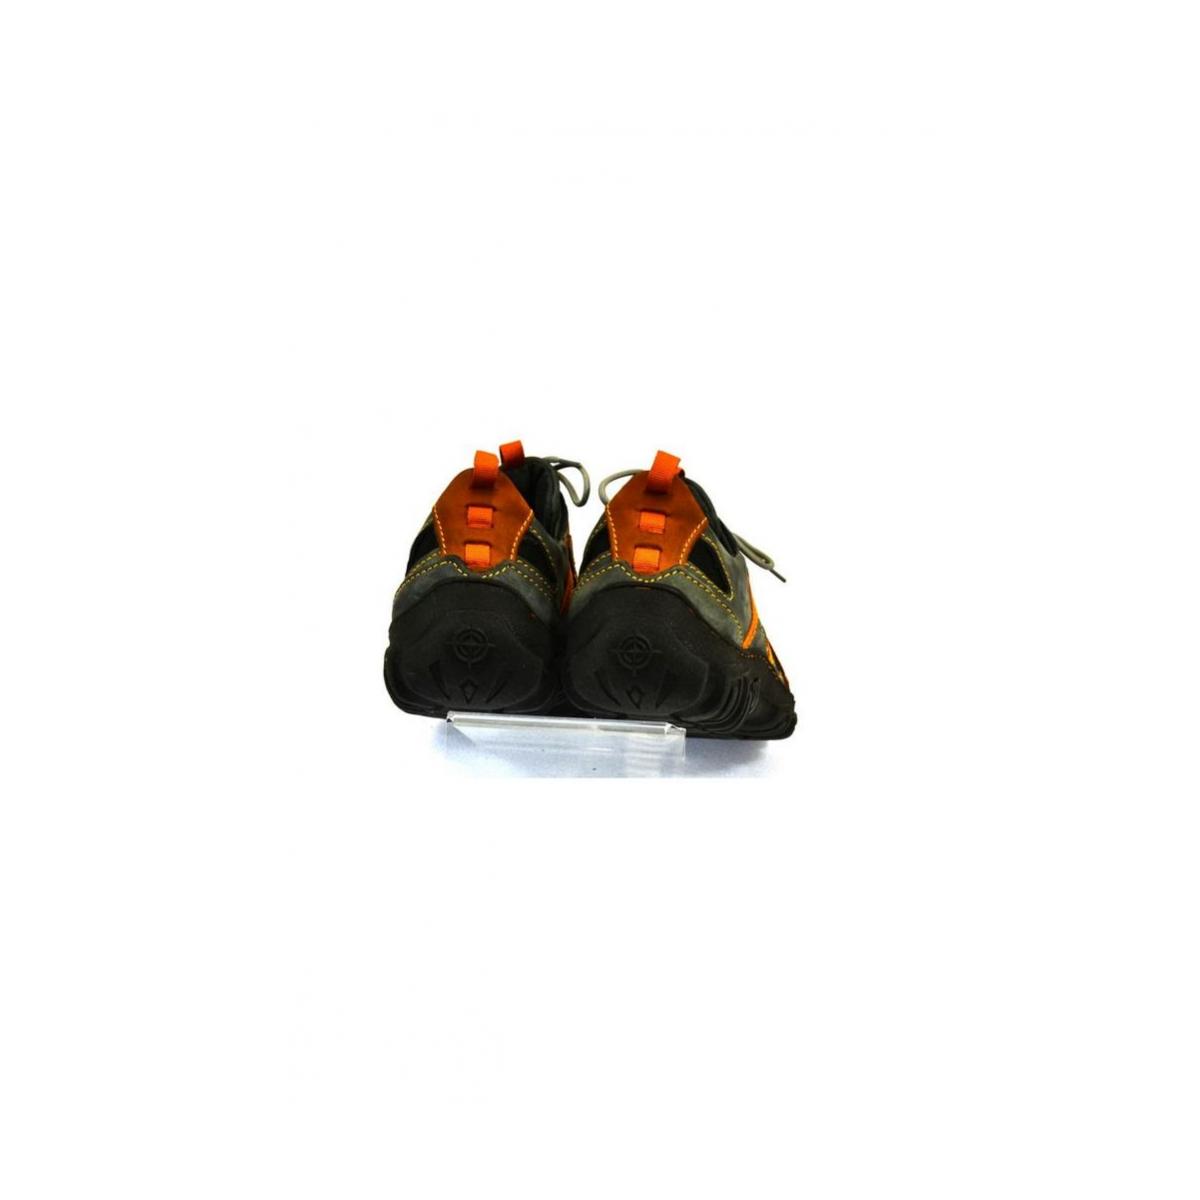 Pánske kožené sivo červené topánky VINCENZO - 5 f6a819cd229